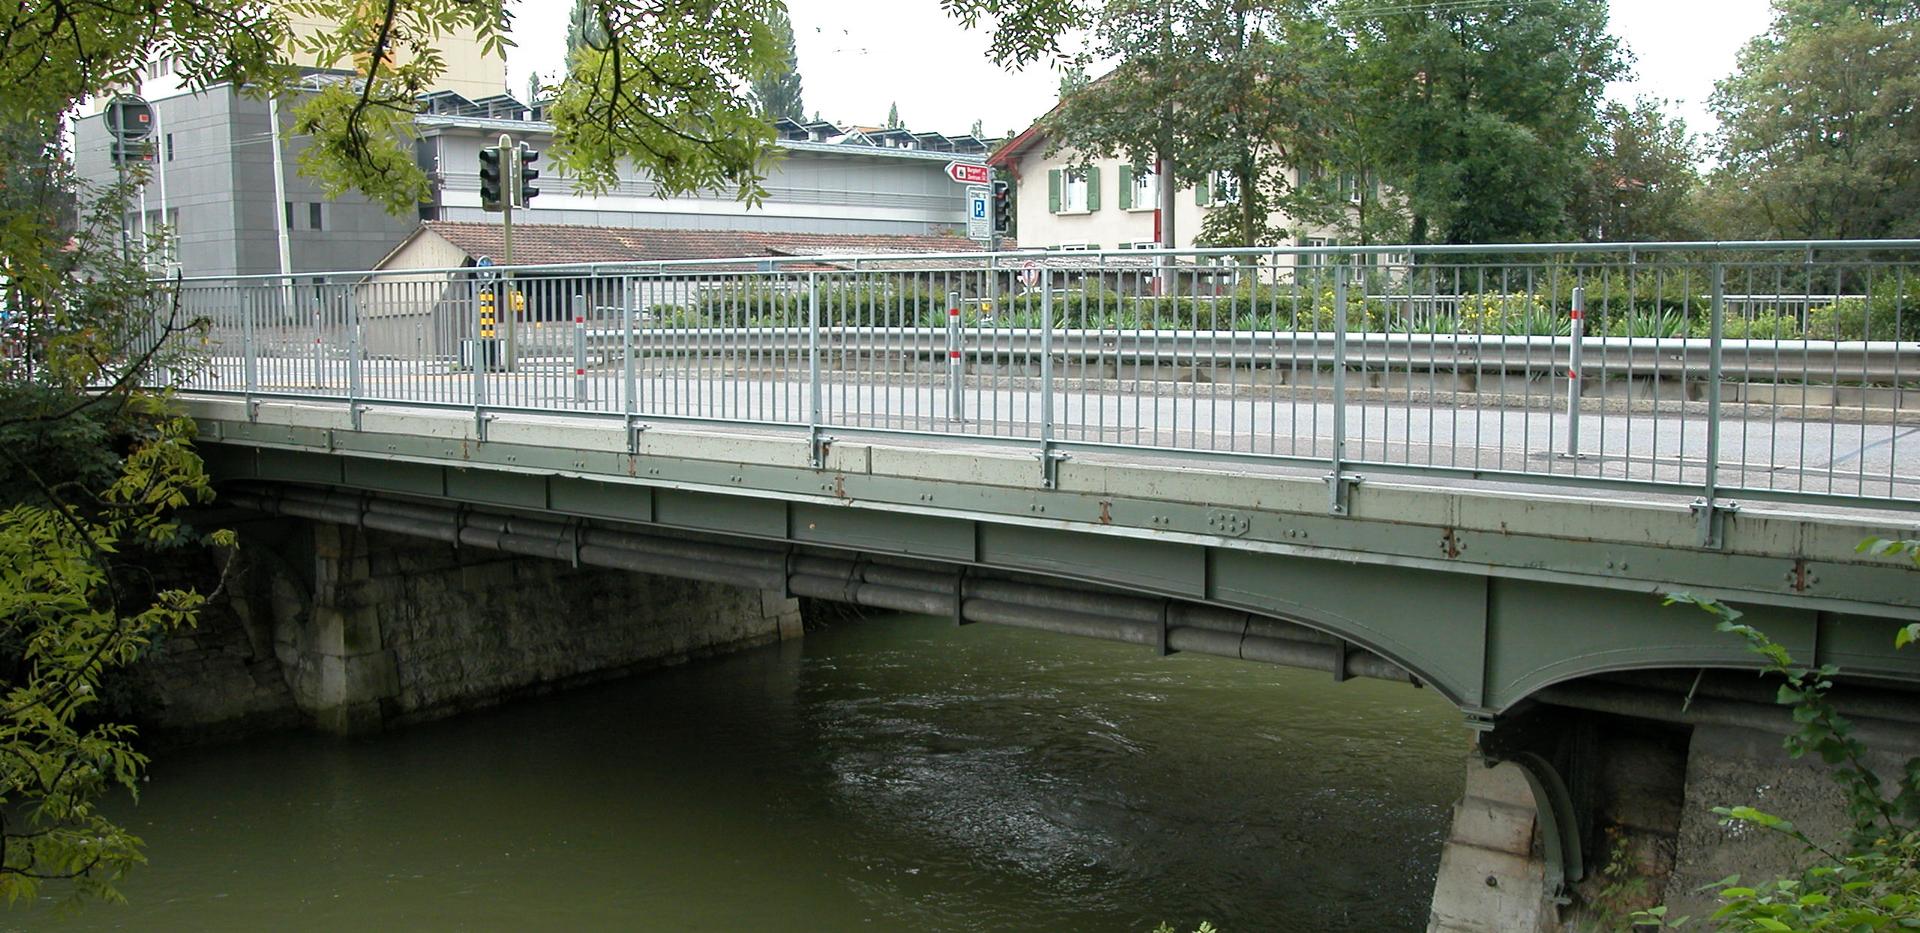 Brücke_Ländtestrasse